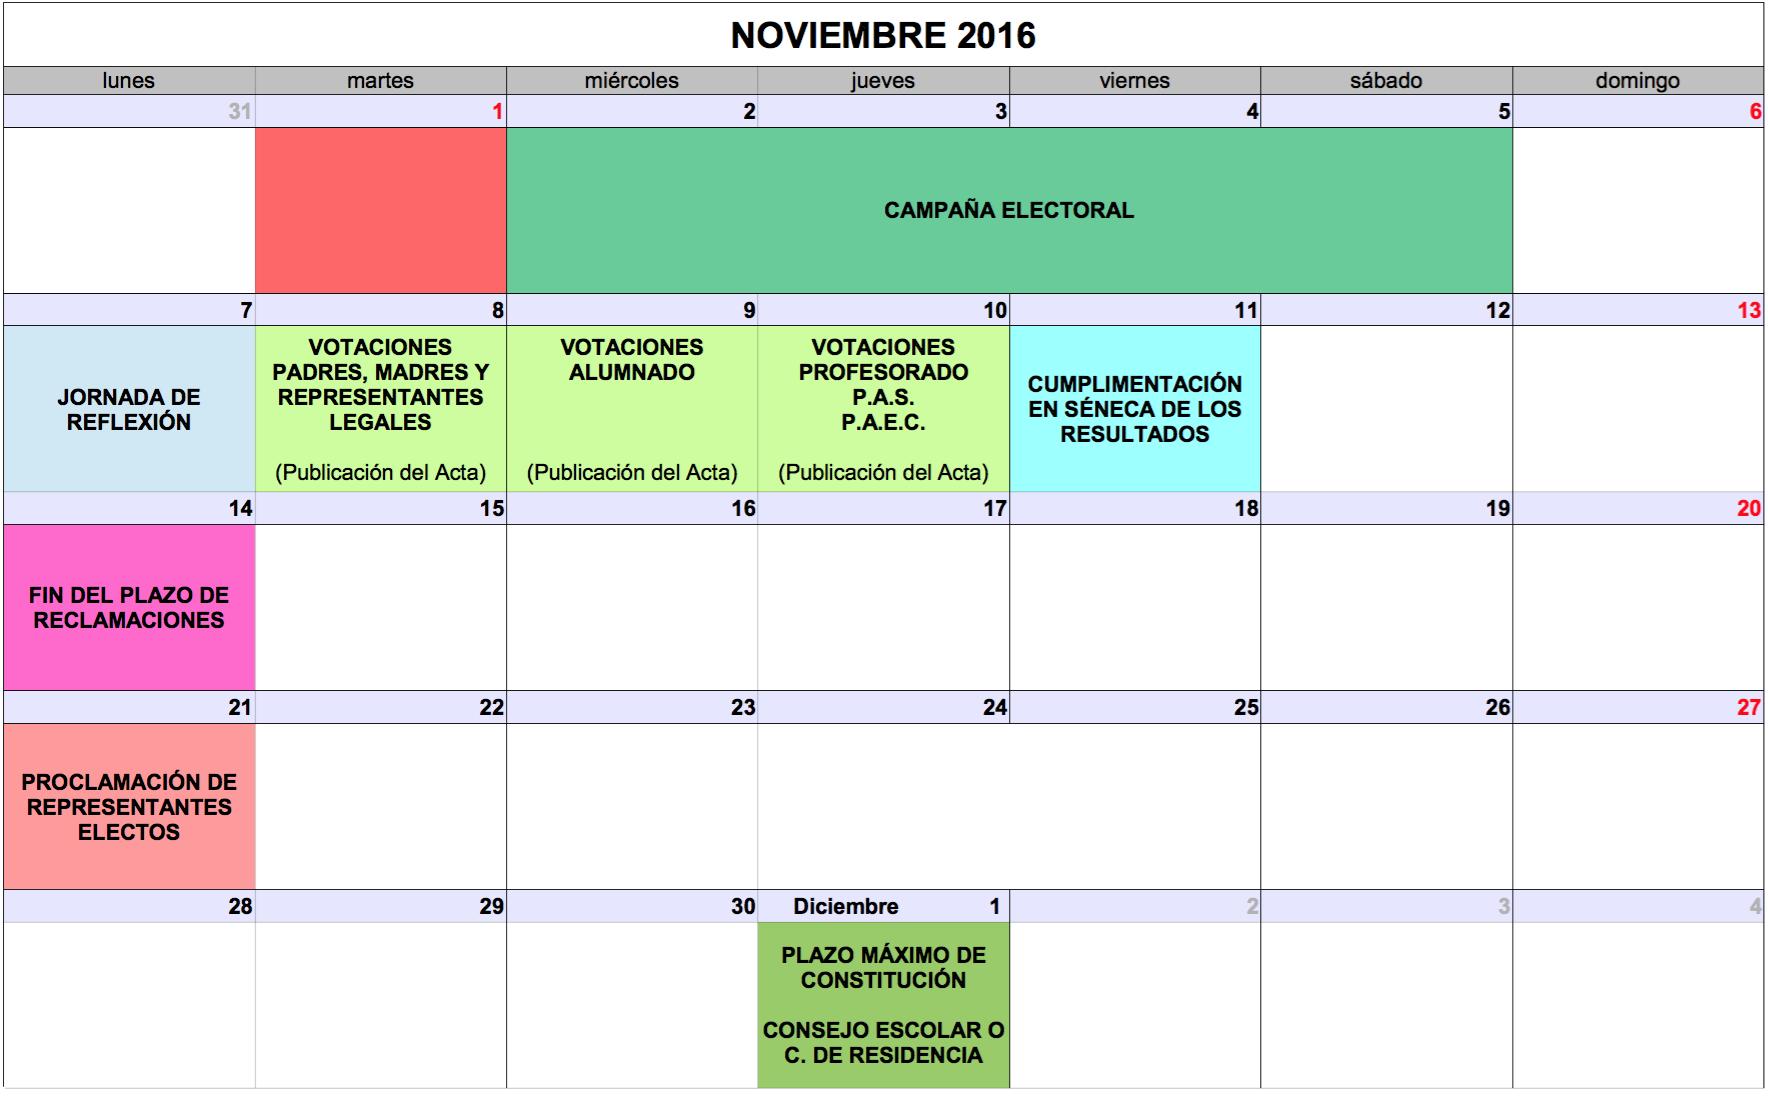 captura-de-pantalla-2016-10-21-a-las-19-26-43